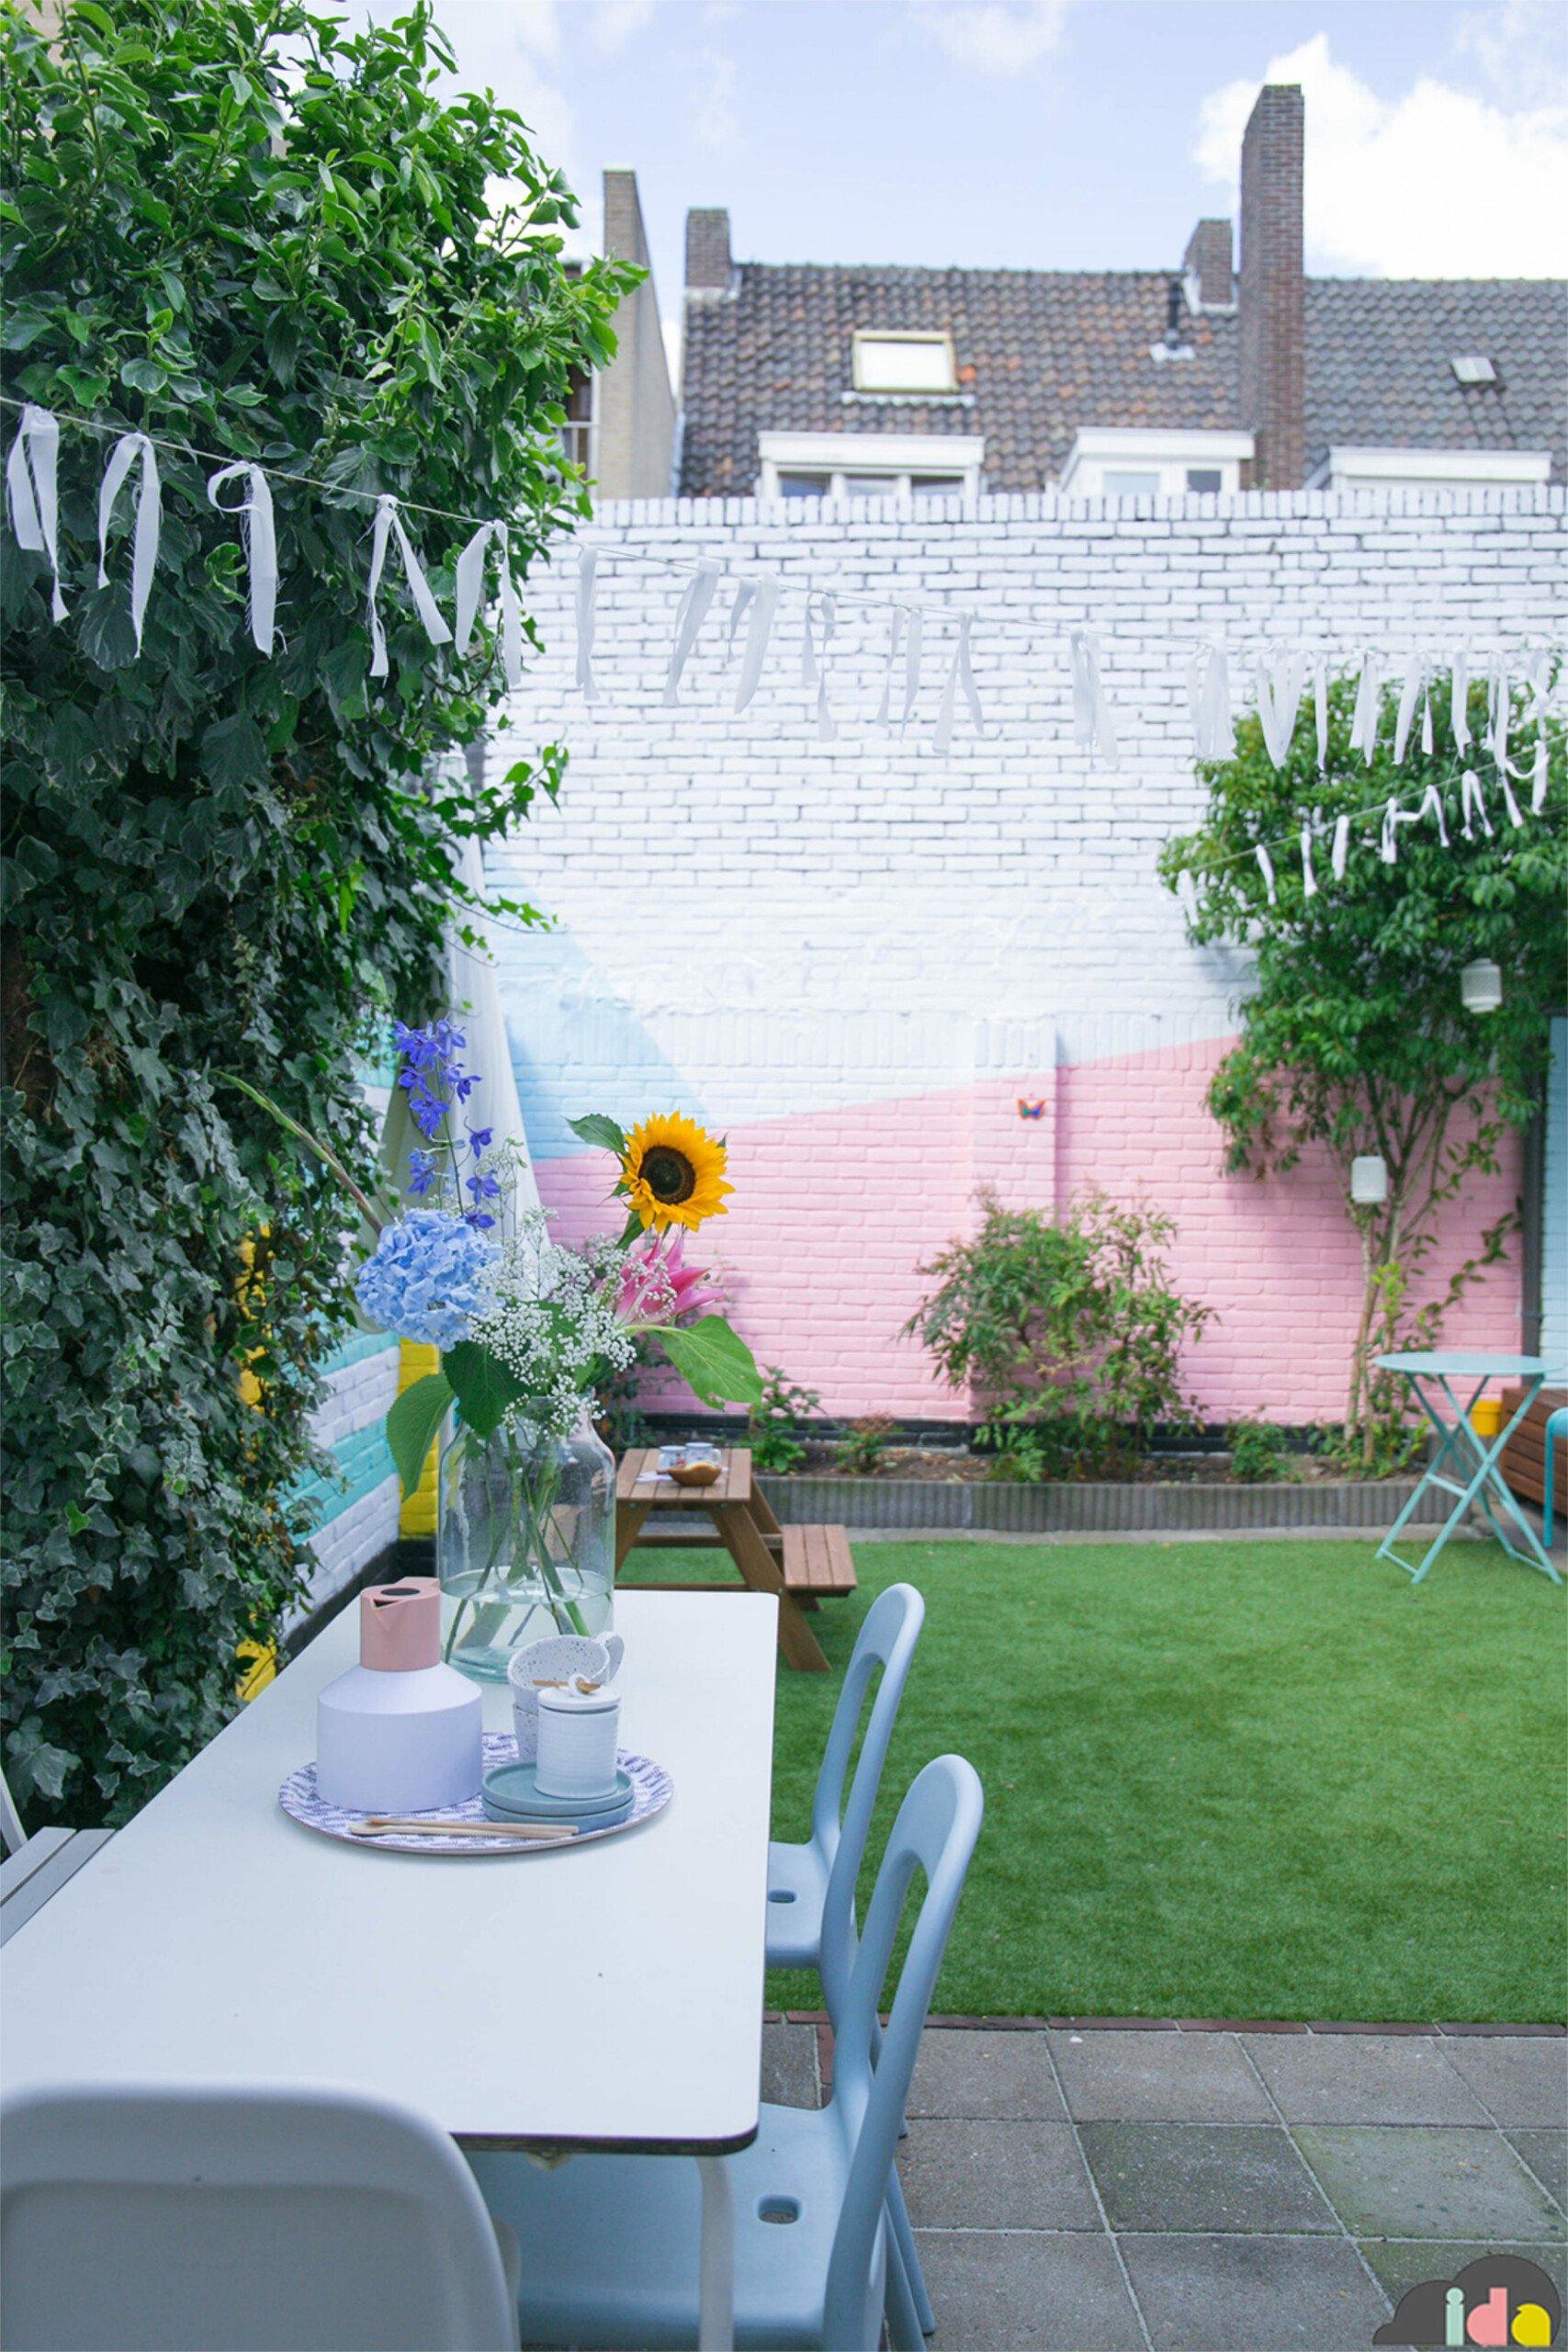 IDAinteriorlifestyle 15 garden hygge home scaled